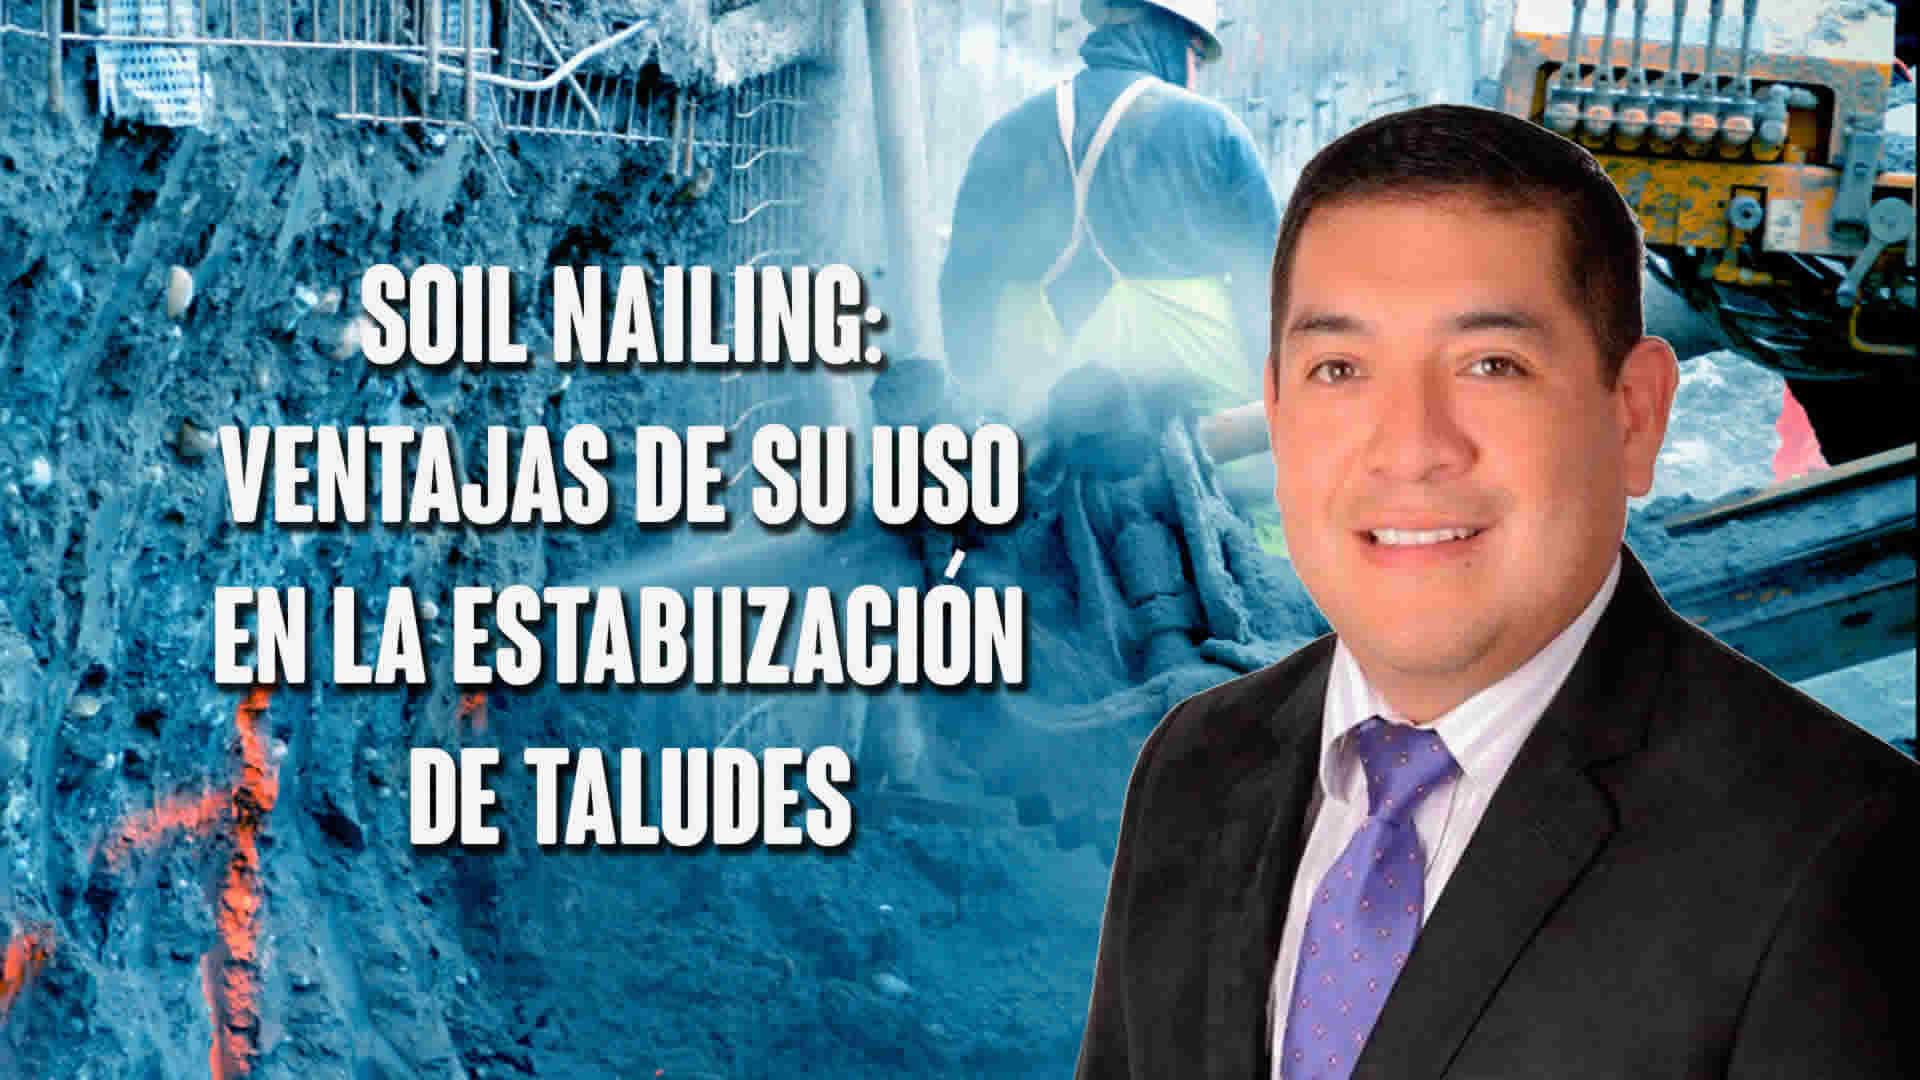 Soil Nailing: ventajas de su uso en la estabilización de taludes